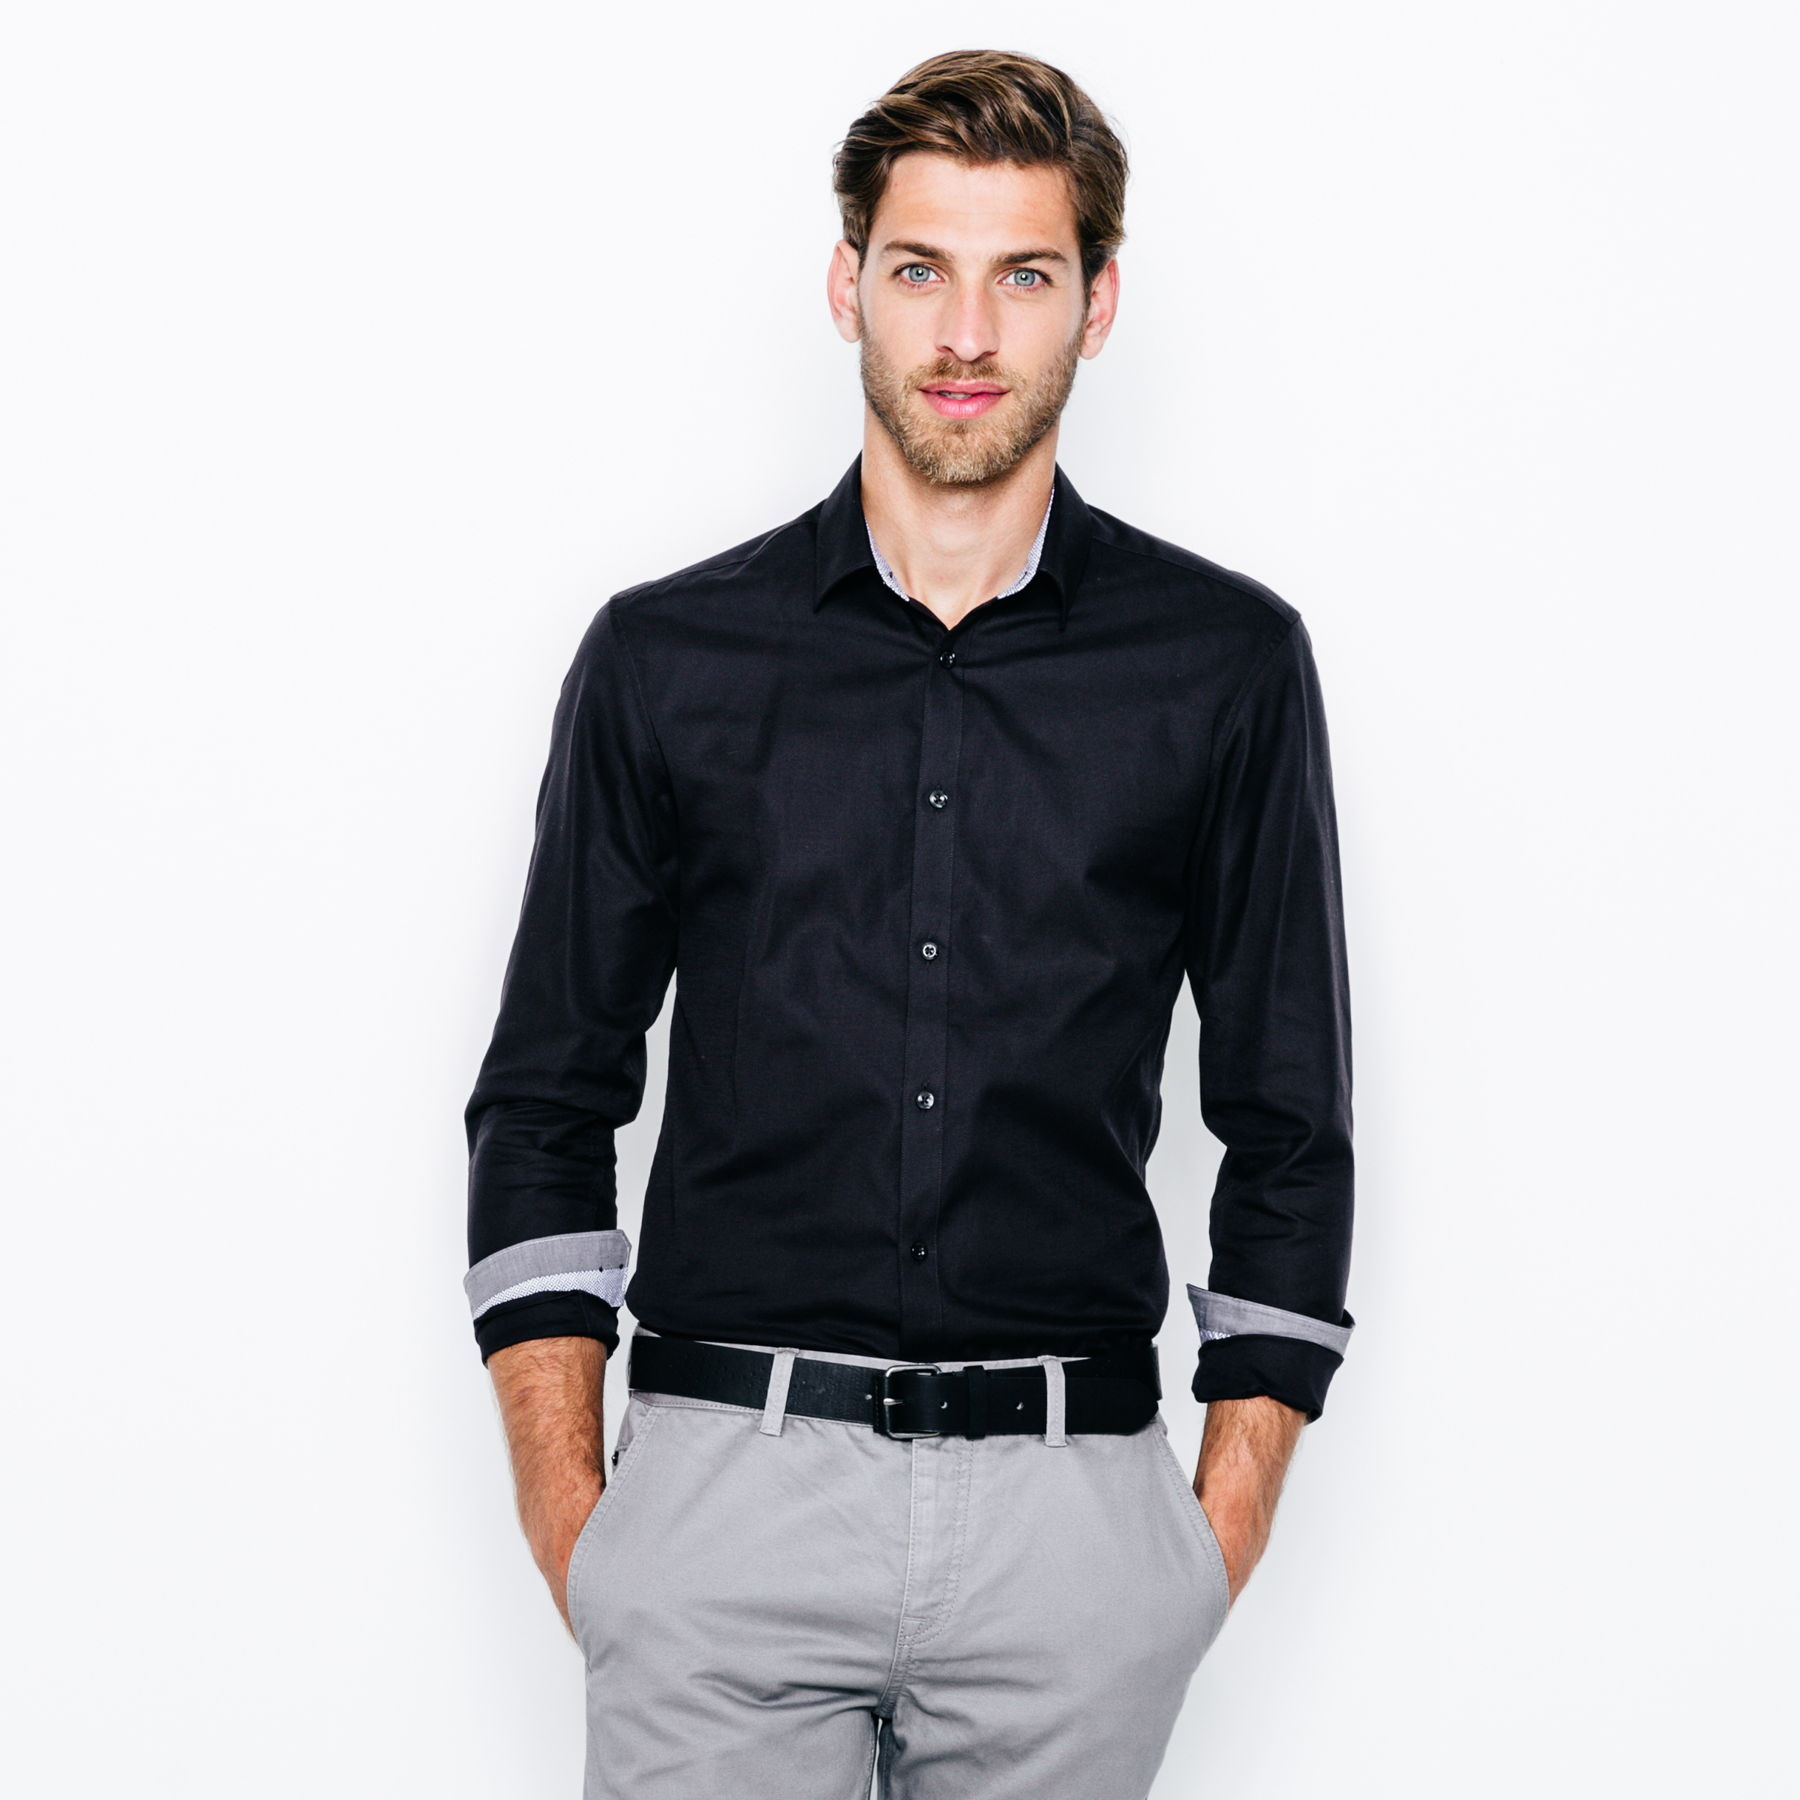 Consejos Para Hombres Que Se Quieren Vestir Bien Modaelloscom